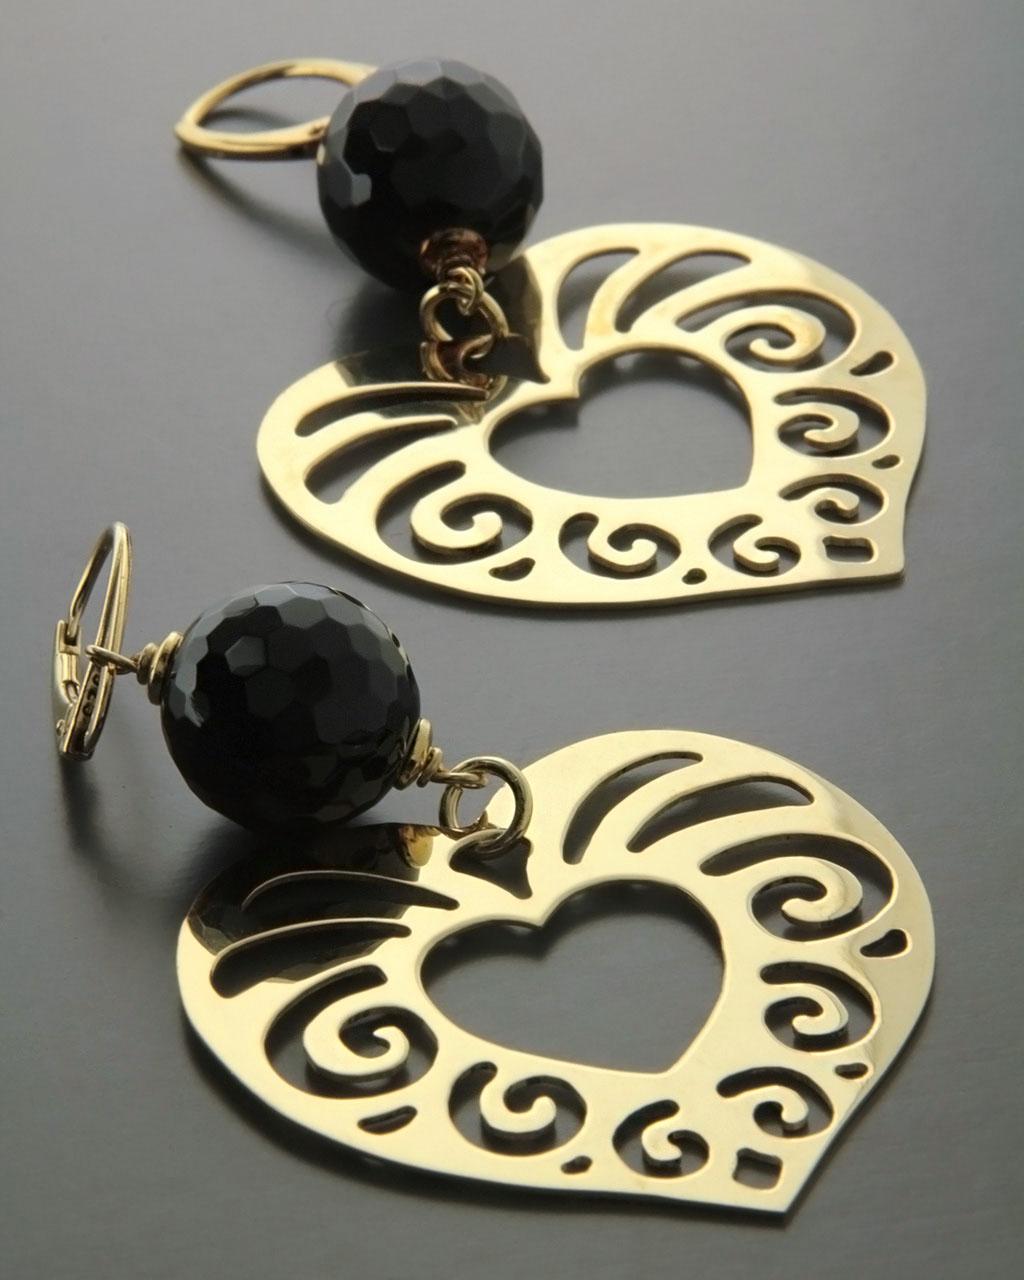 Σκουλαρίκια καρδιές ασημένια 925   γυναικα σκουλαρίκια σκουλαρίκια fashion